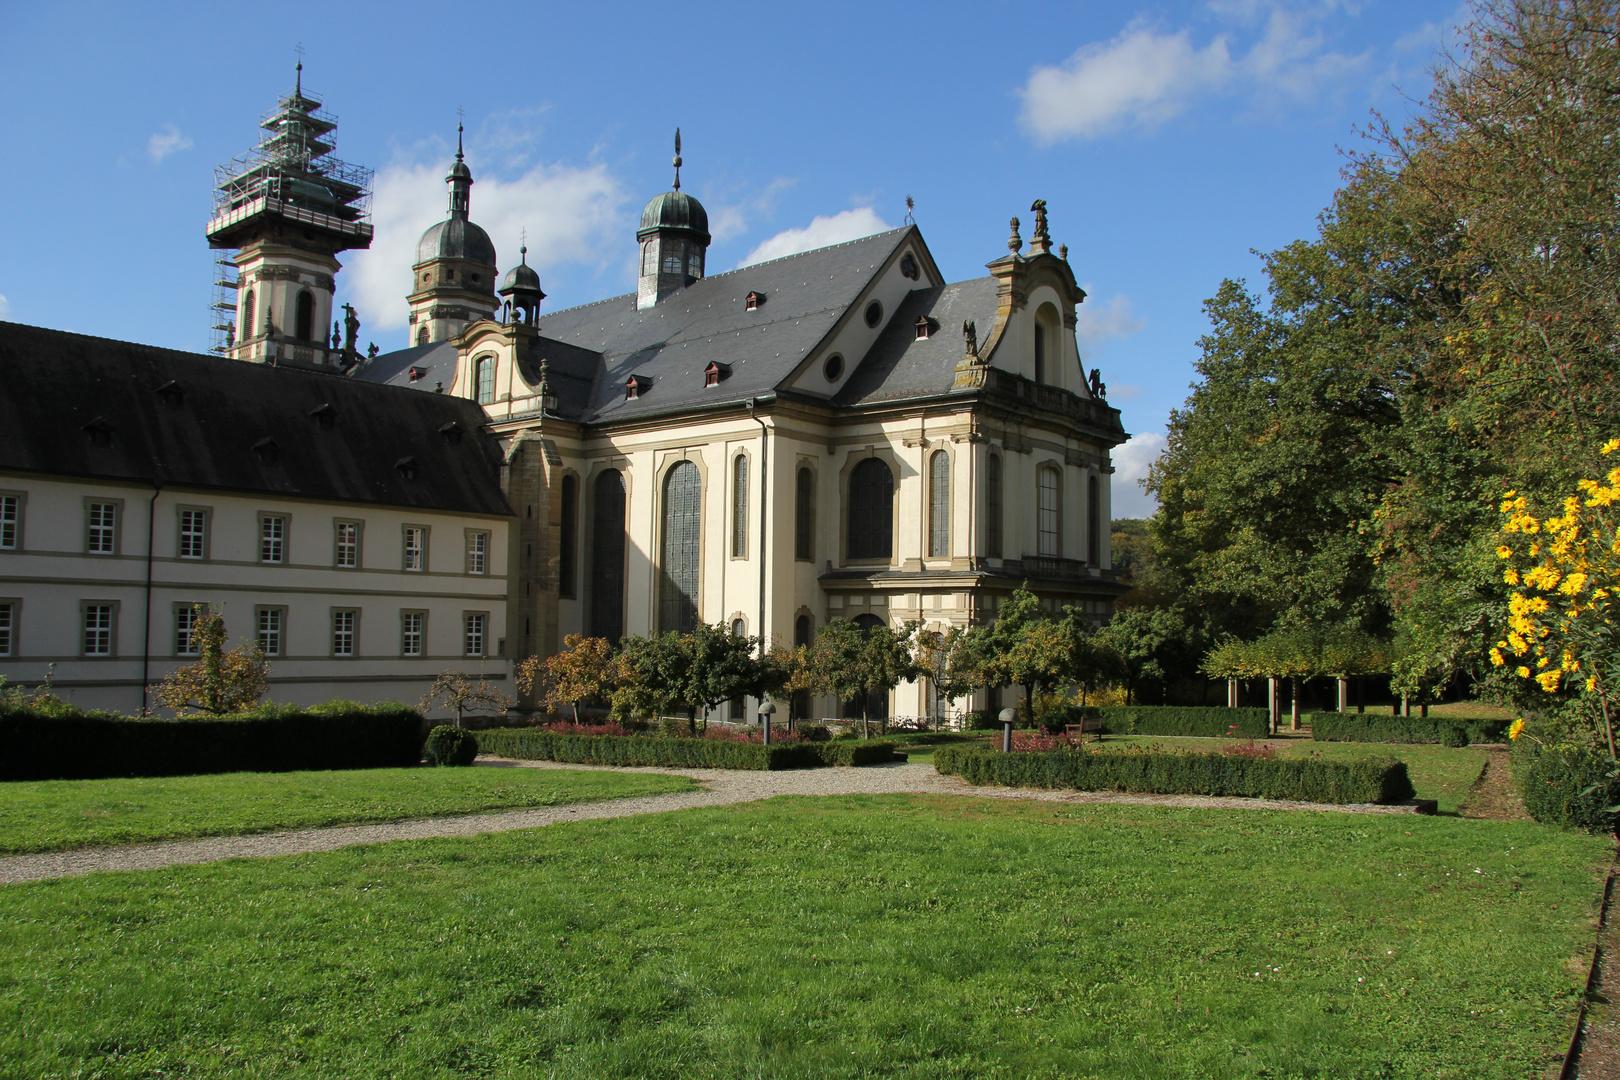 Kloster-Schöntal